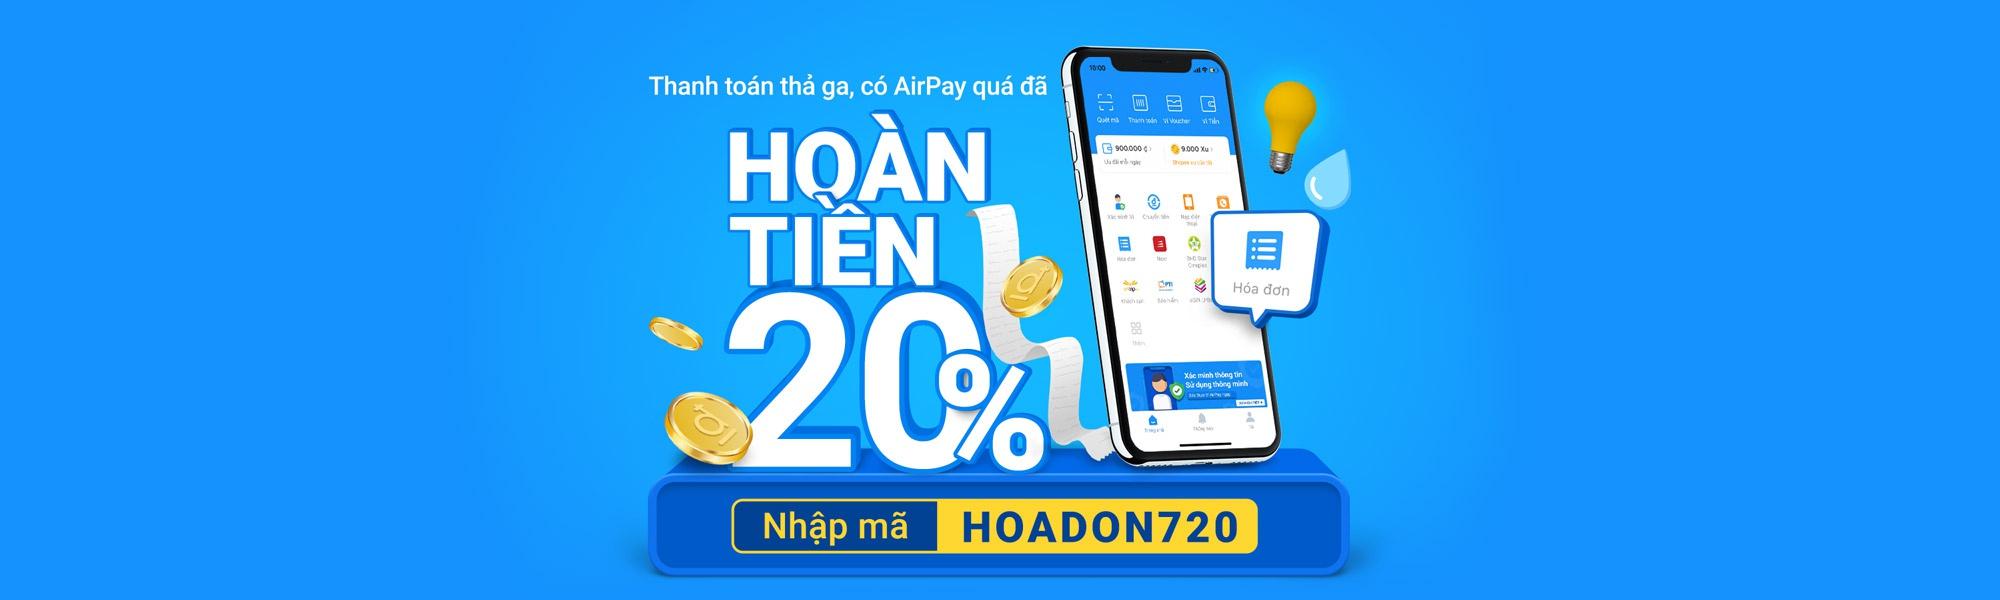 hoan-tien-hoa-don